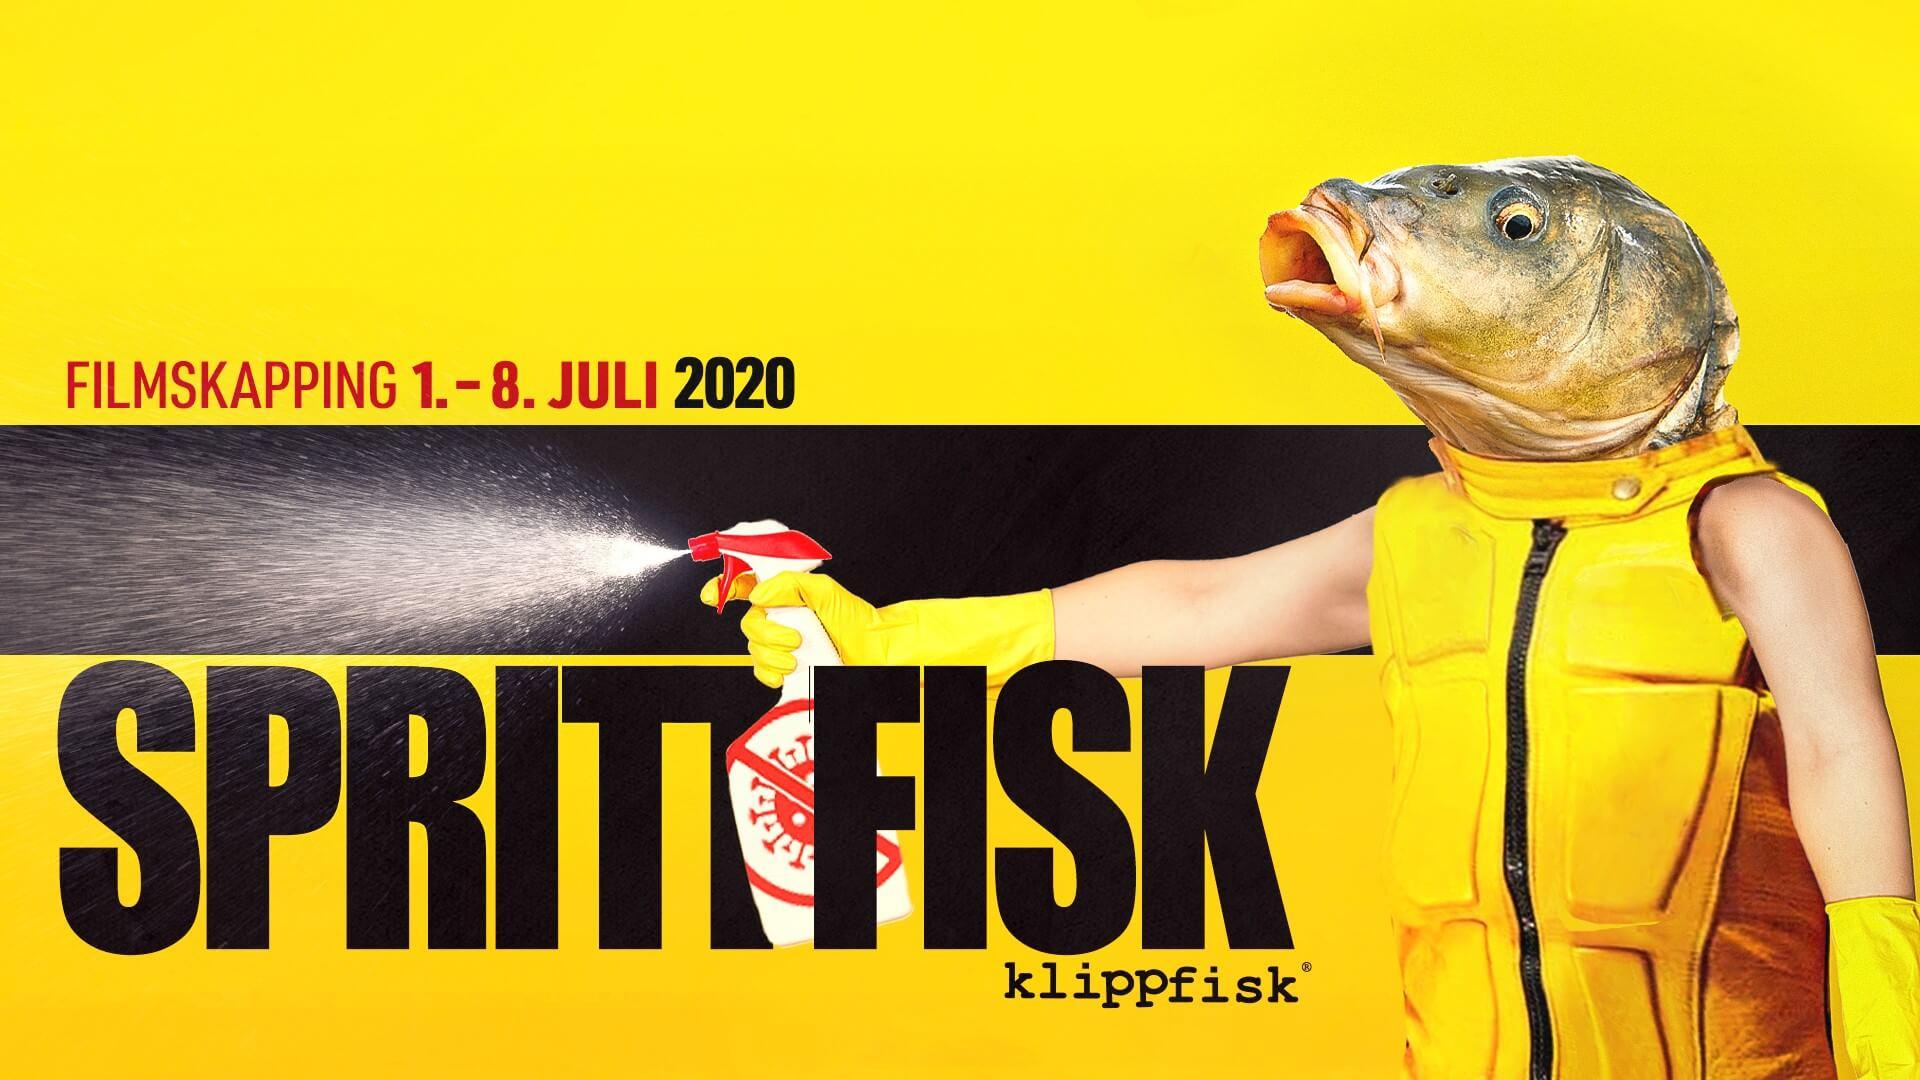 Sprittfisk - filmskapping hjá Klippfiski 1.-8. juli